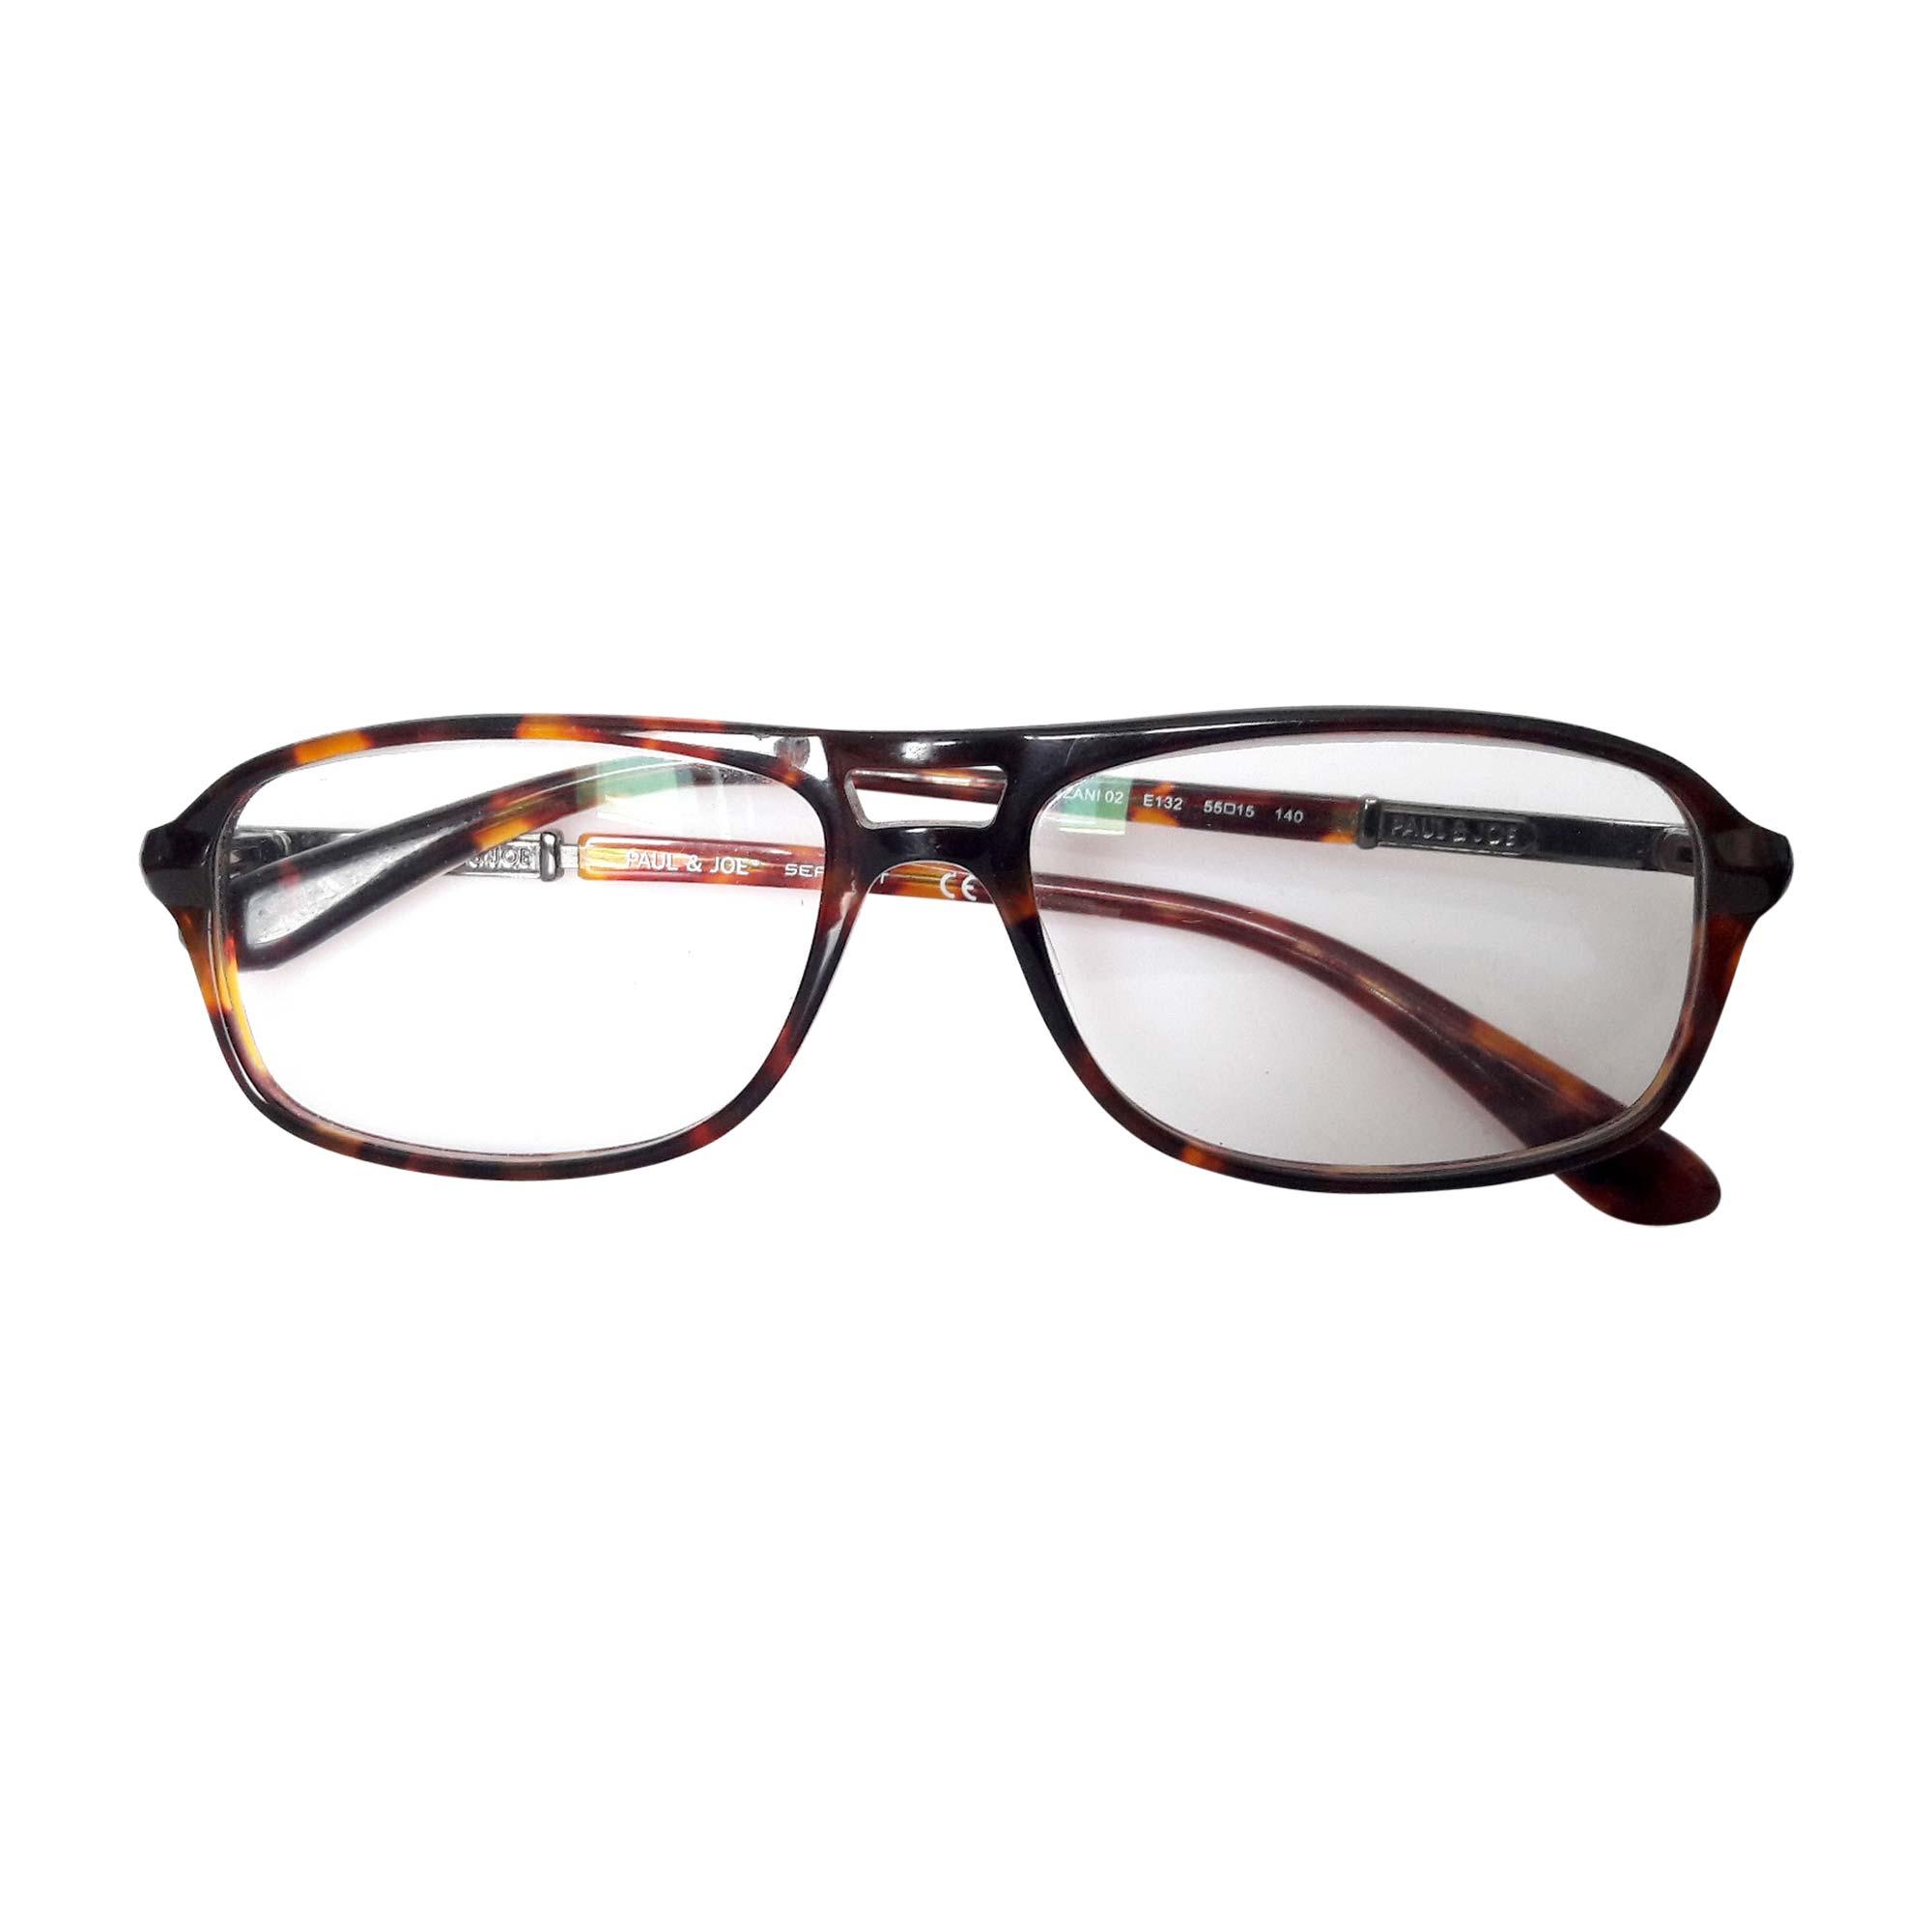 021d70f78726c Monture de lunettes PAUL   JOE marron - 5930887